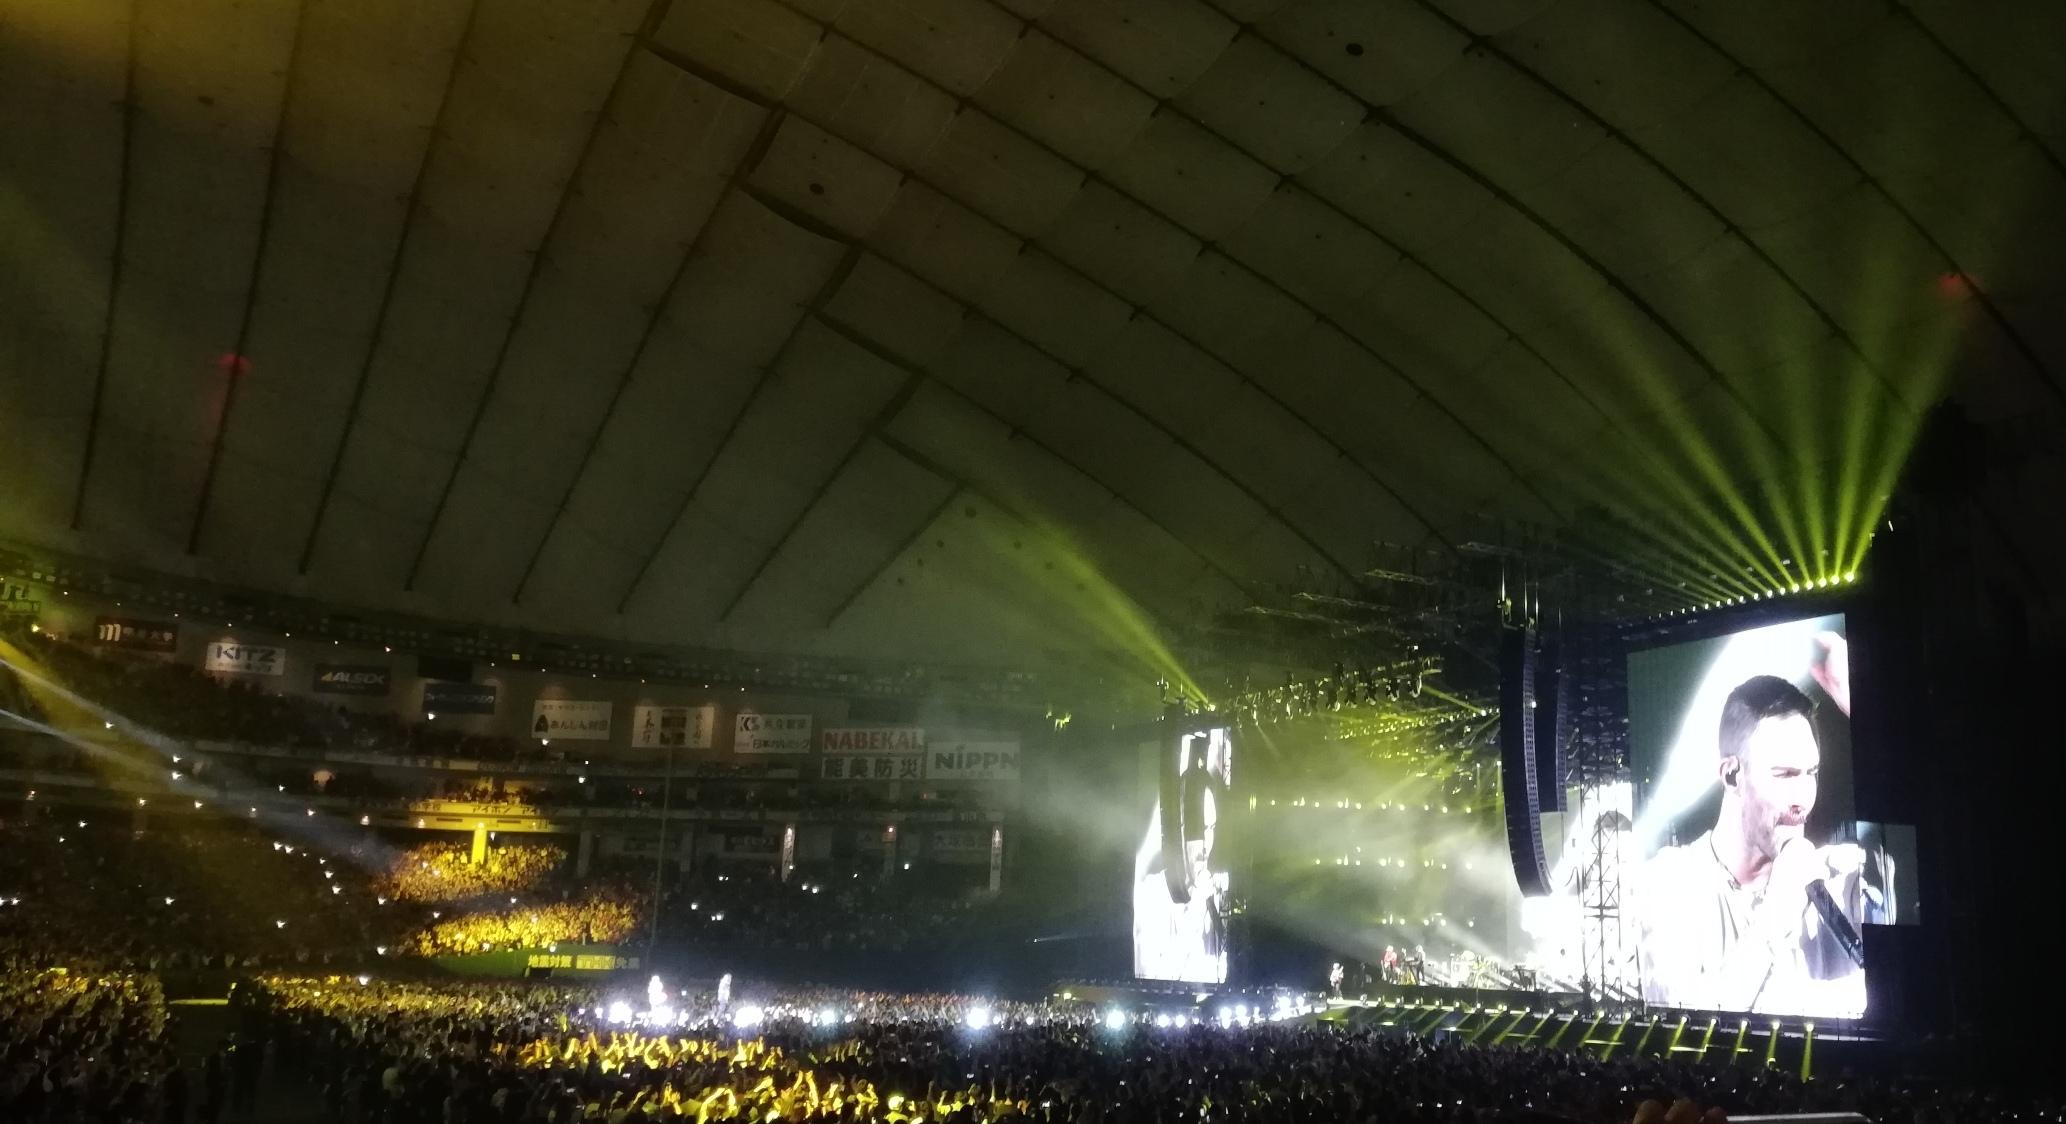 マルーン5 コンサート#2@東京ドーム